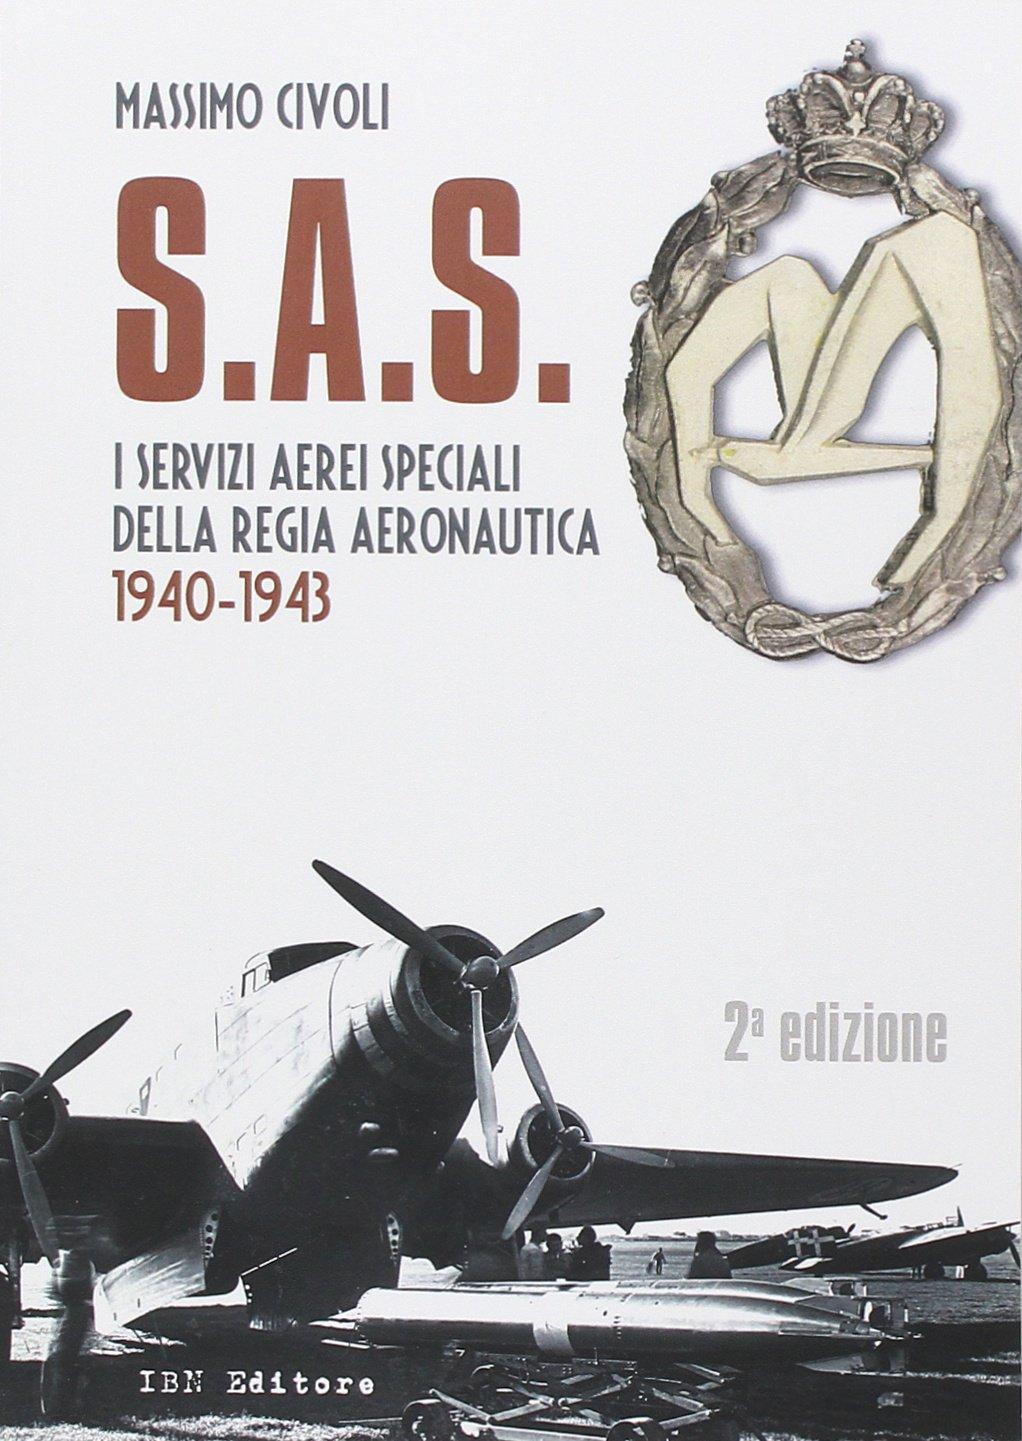 S.A.S. I Servizi Aerei Speciali della Regia Aeronautica 1940-1943